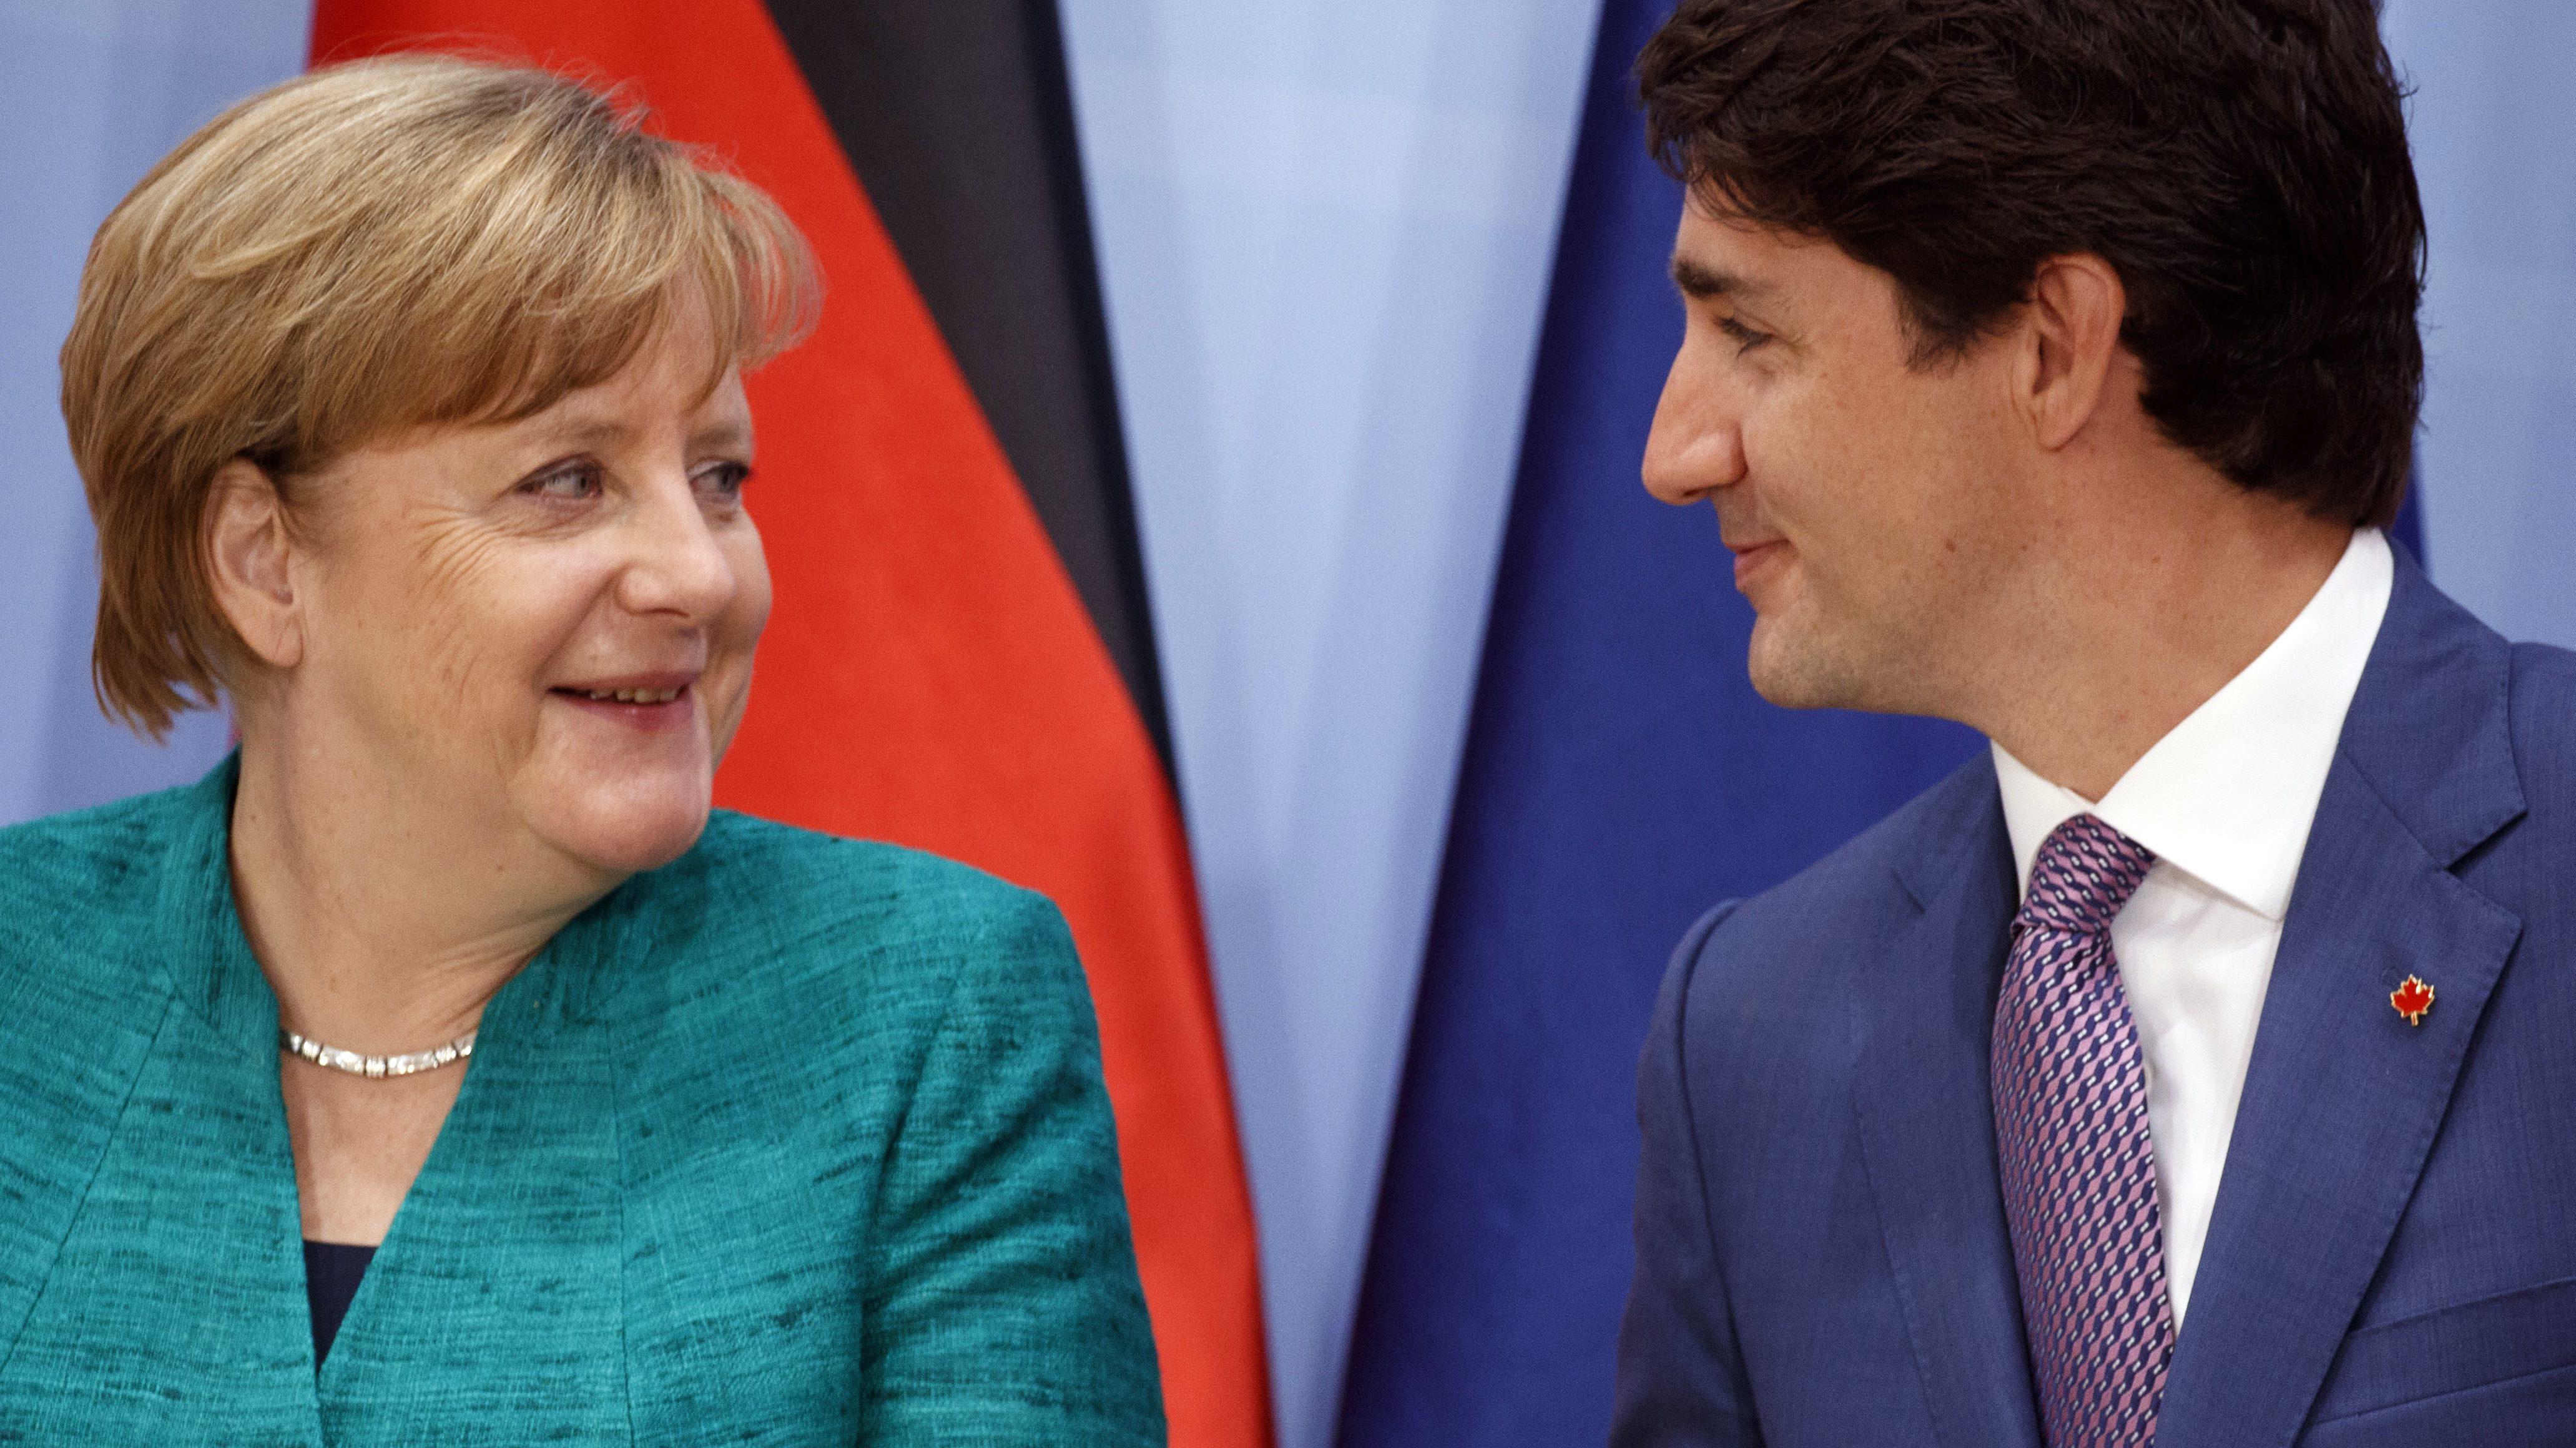 Angela Merkel, Justin Trudeau